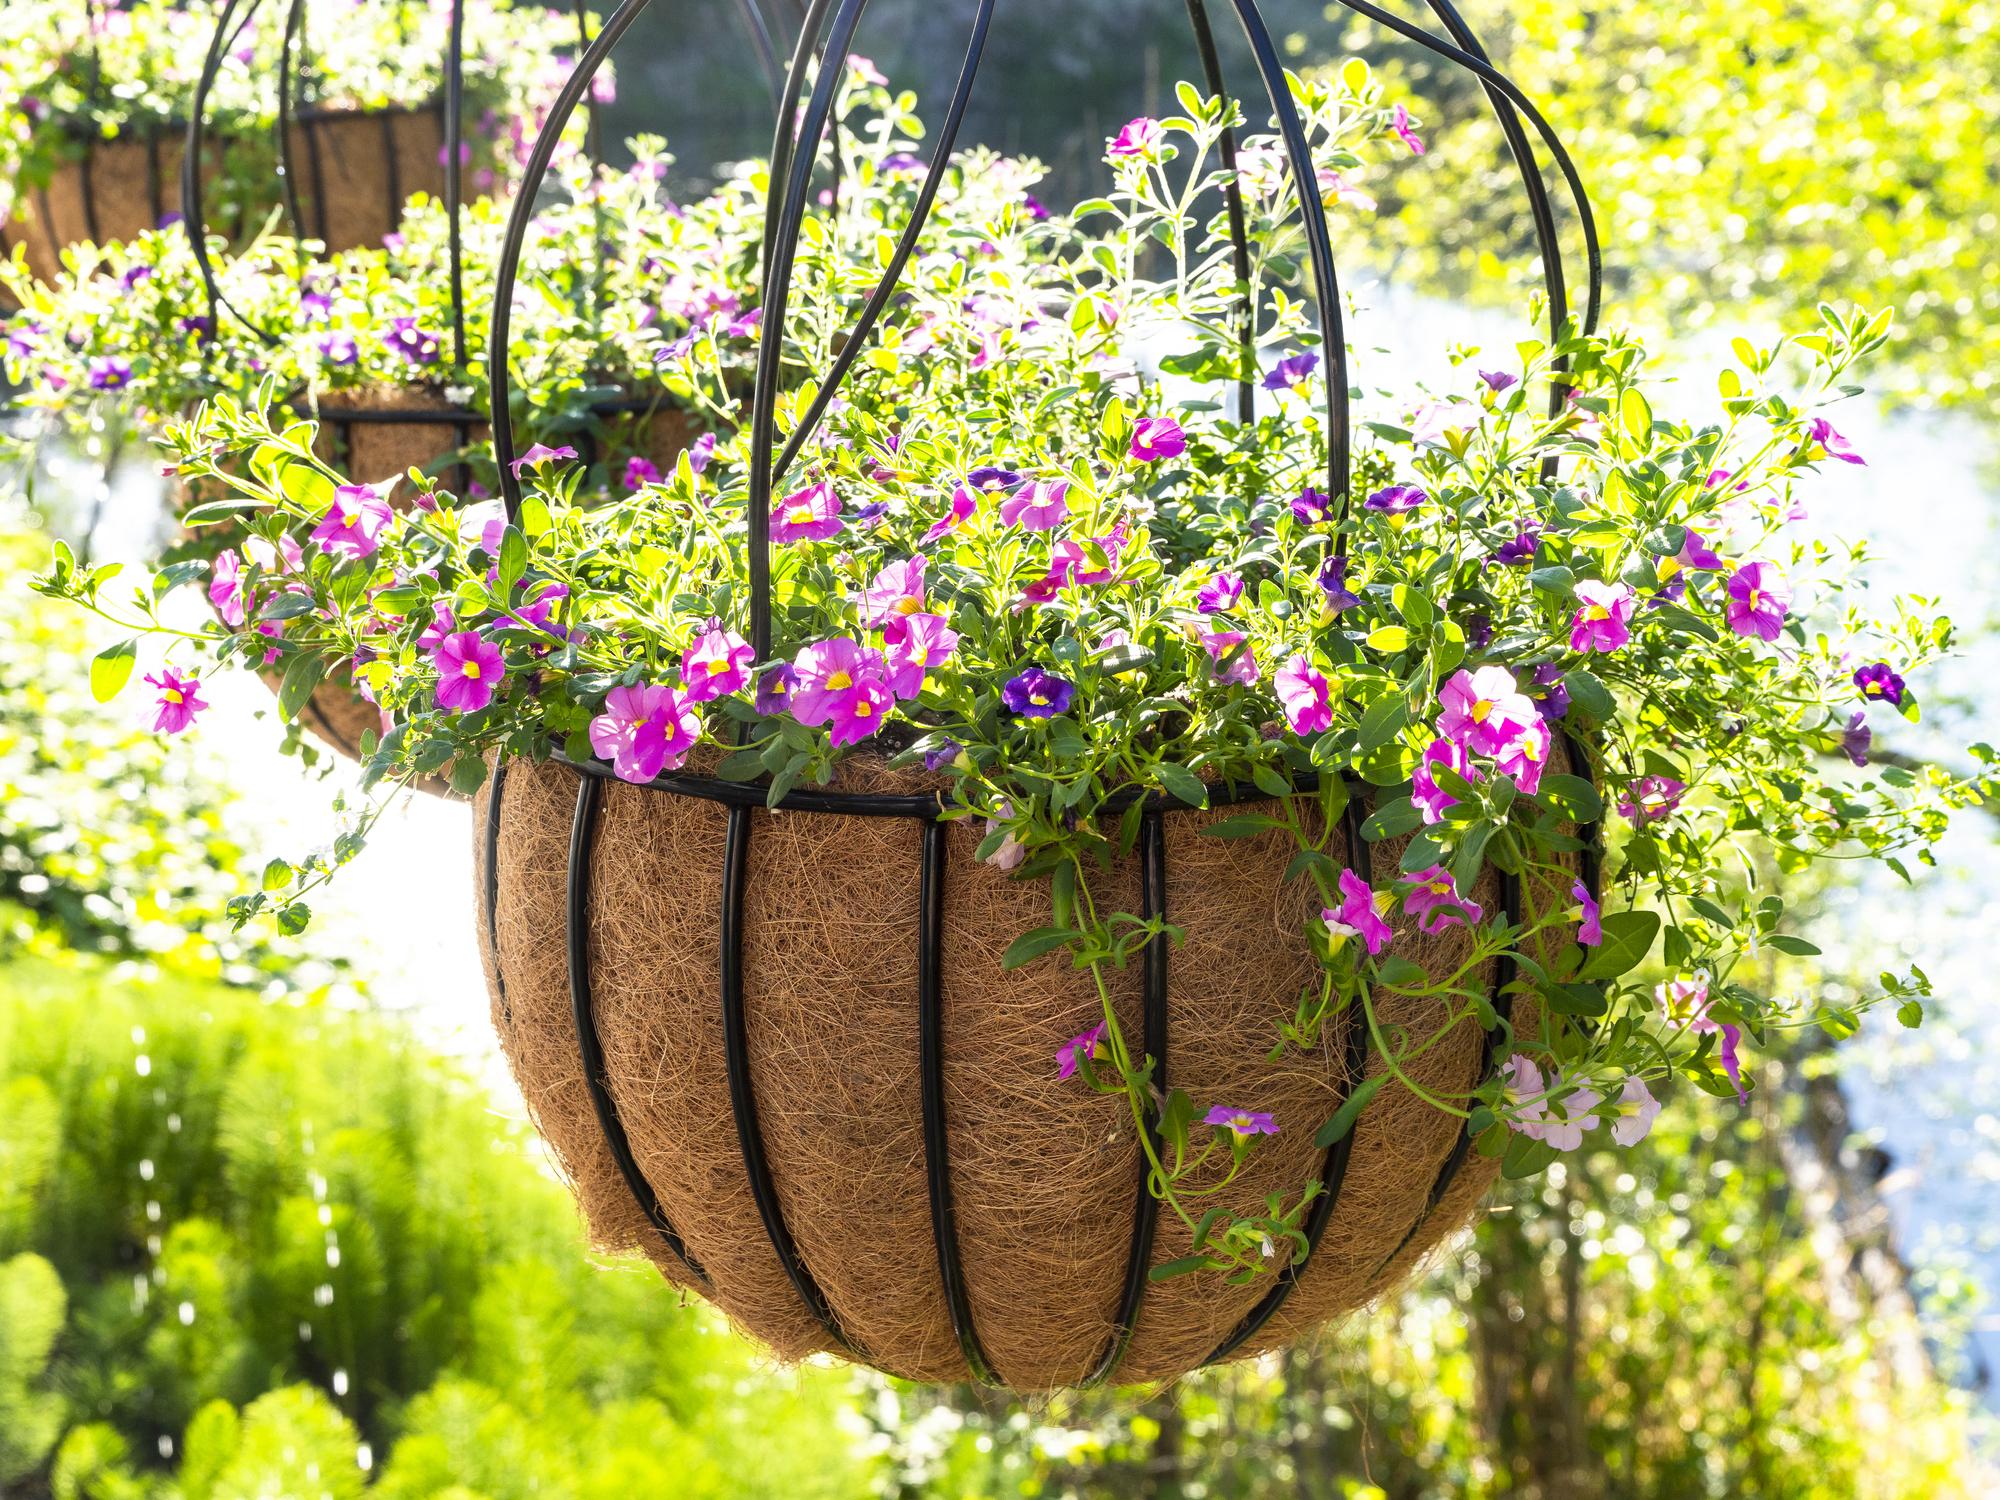 Hanging Baskets Pink Calibrachoa Flower Starts Coco-fiber Liner